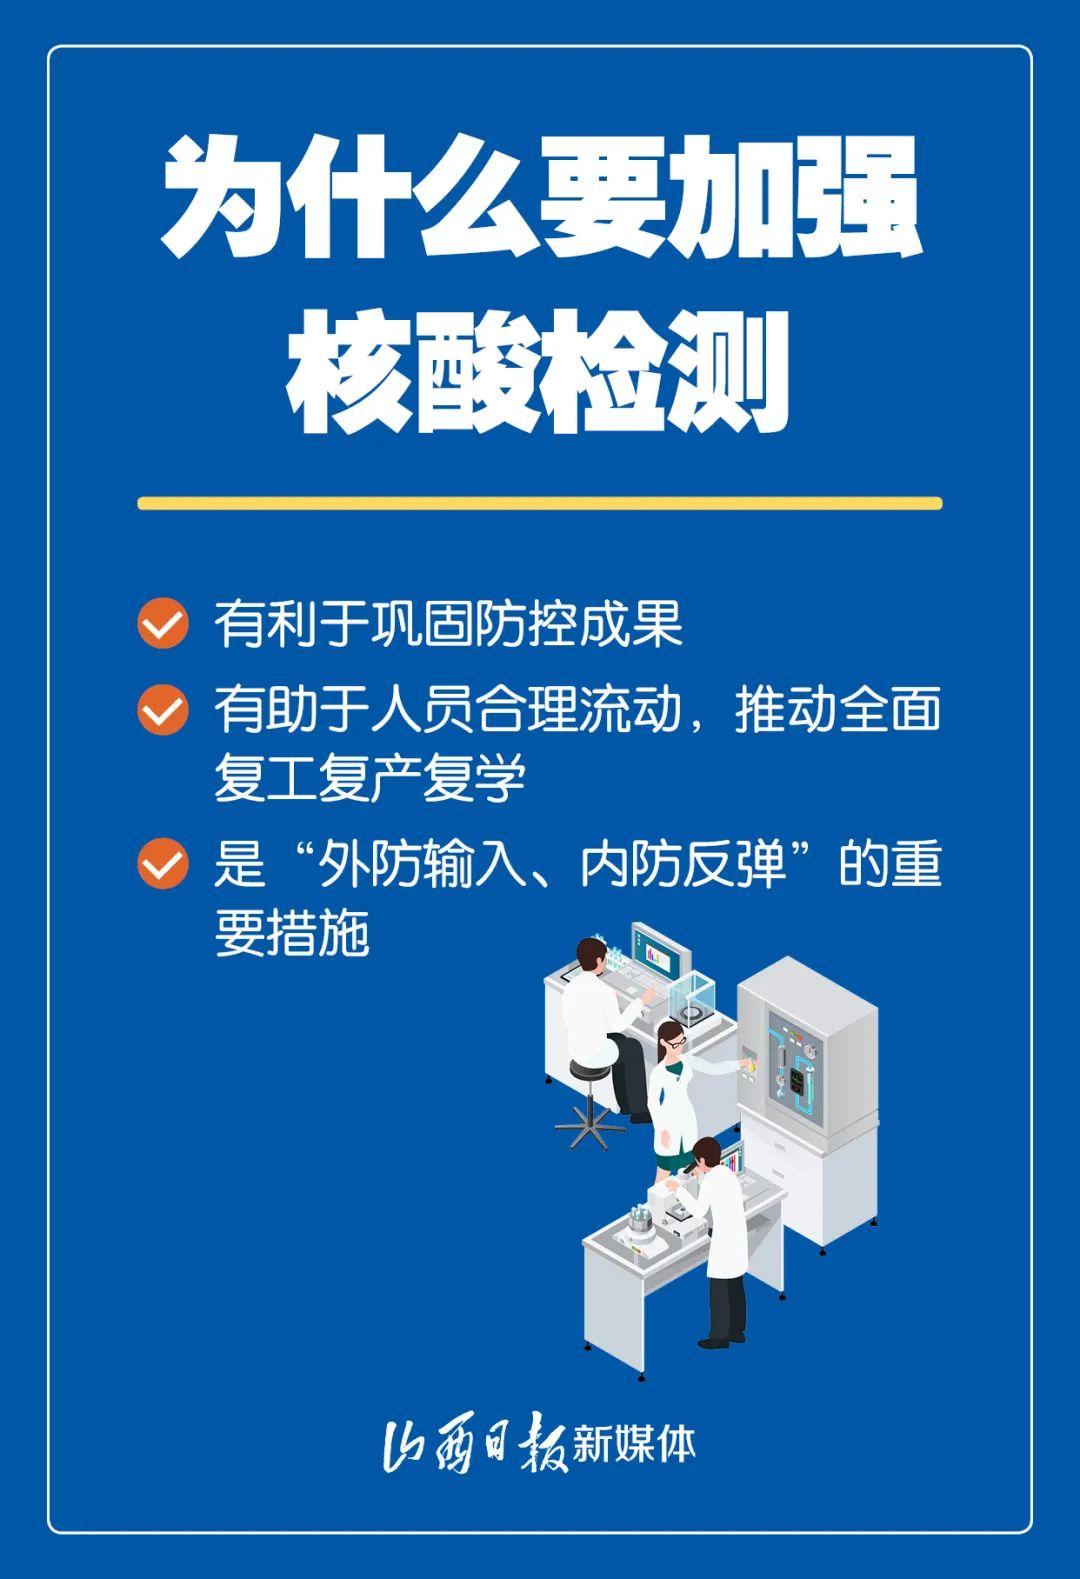 核酸检测怎么做?8张海报讲清楚图片